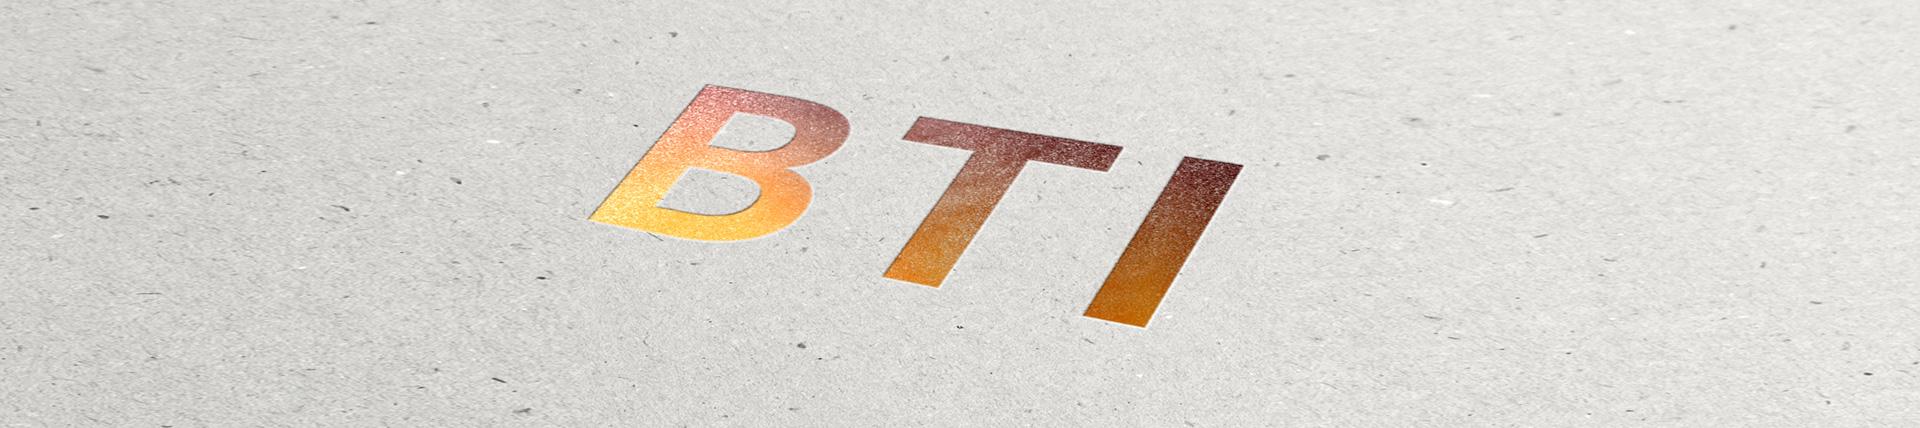 不到半年,三字母BTI.COM再度高价易主!